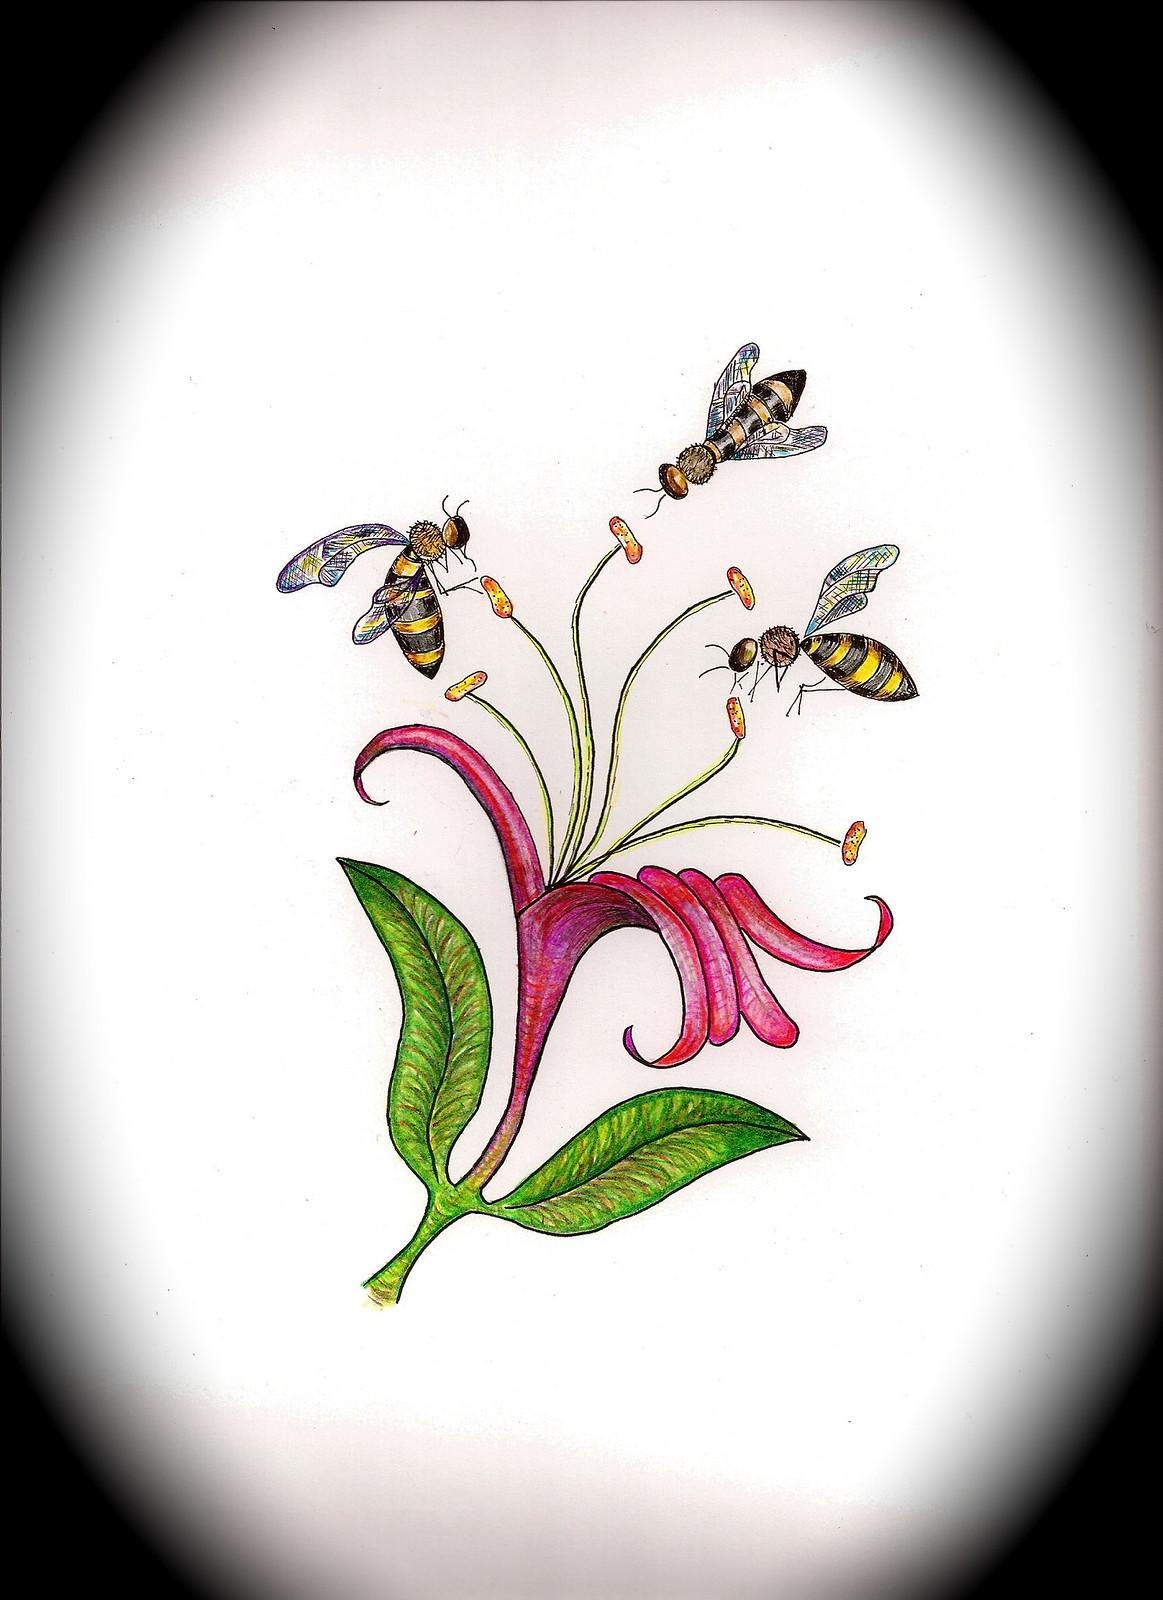 Hummingbird And Honeysuckle Tattoo Honeysuckle ta.